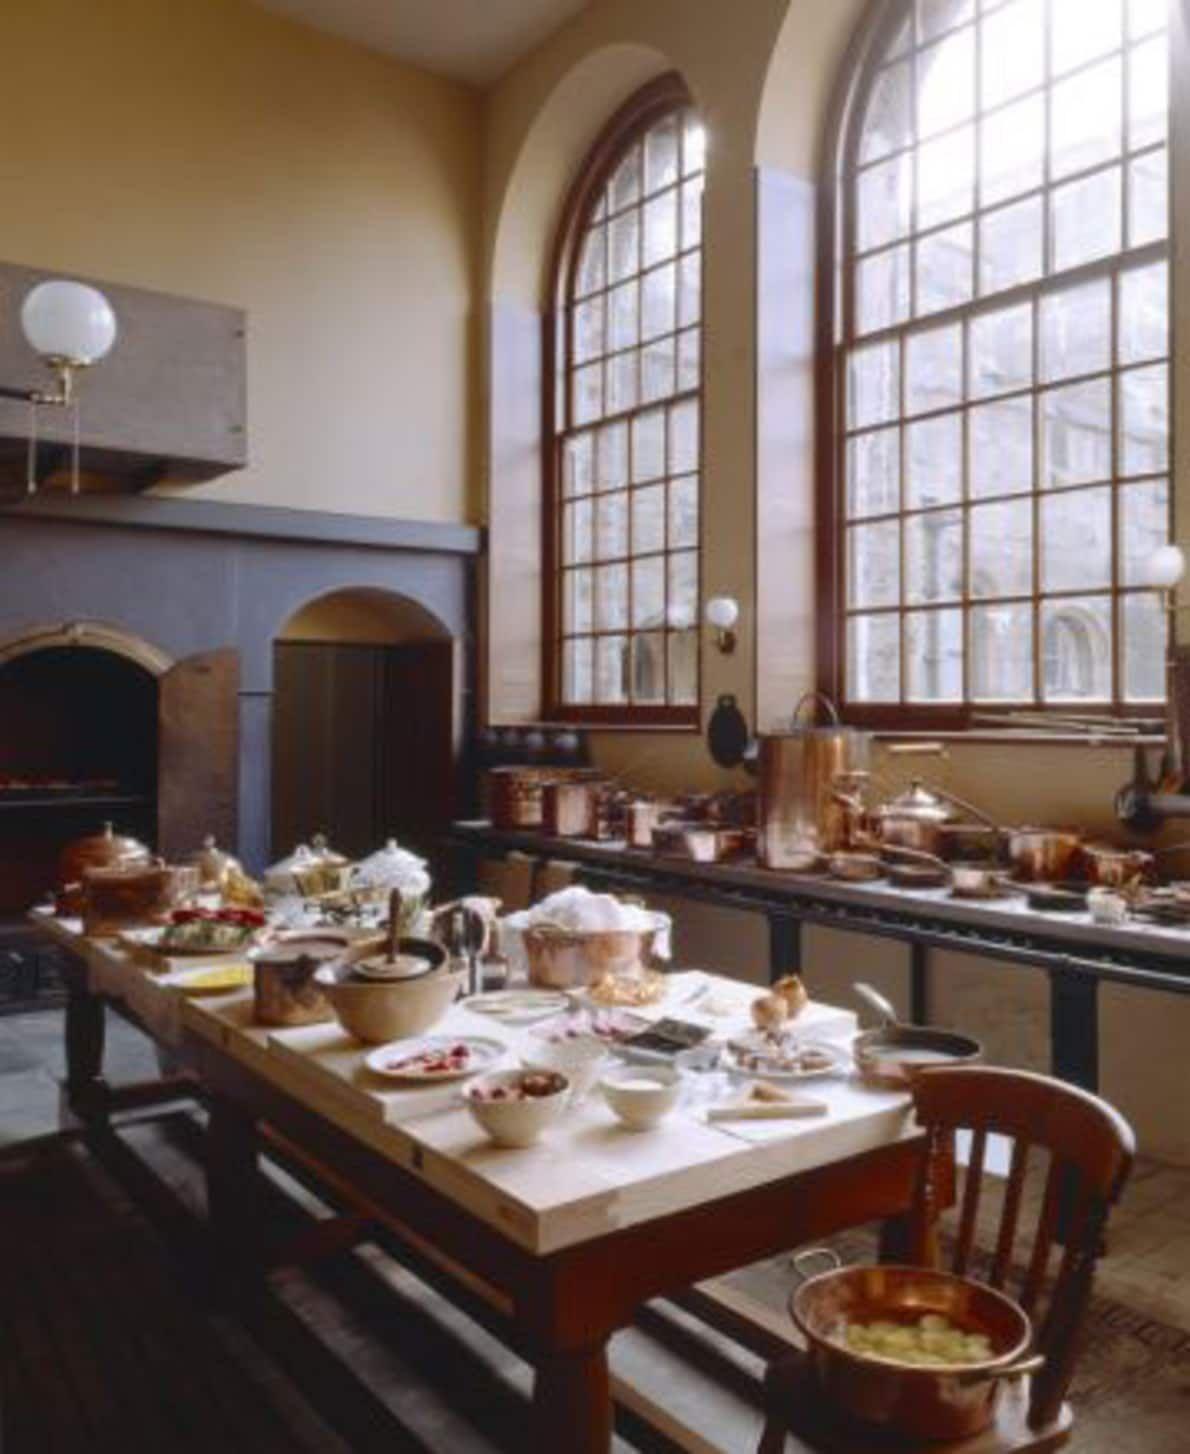 Victorian Kitchens: Design Anatomy